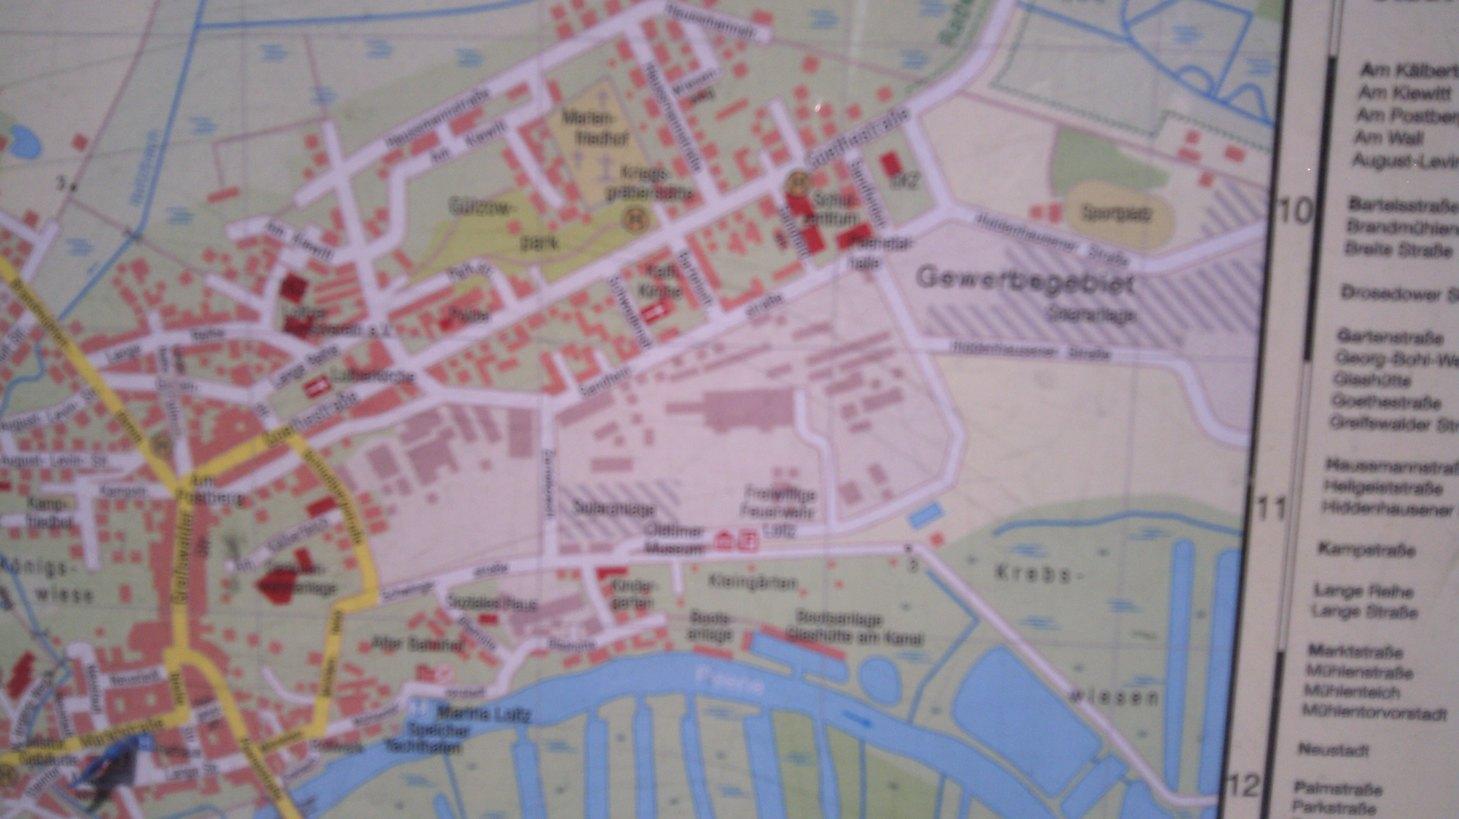 Stadtplan Loitz Peene